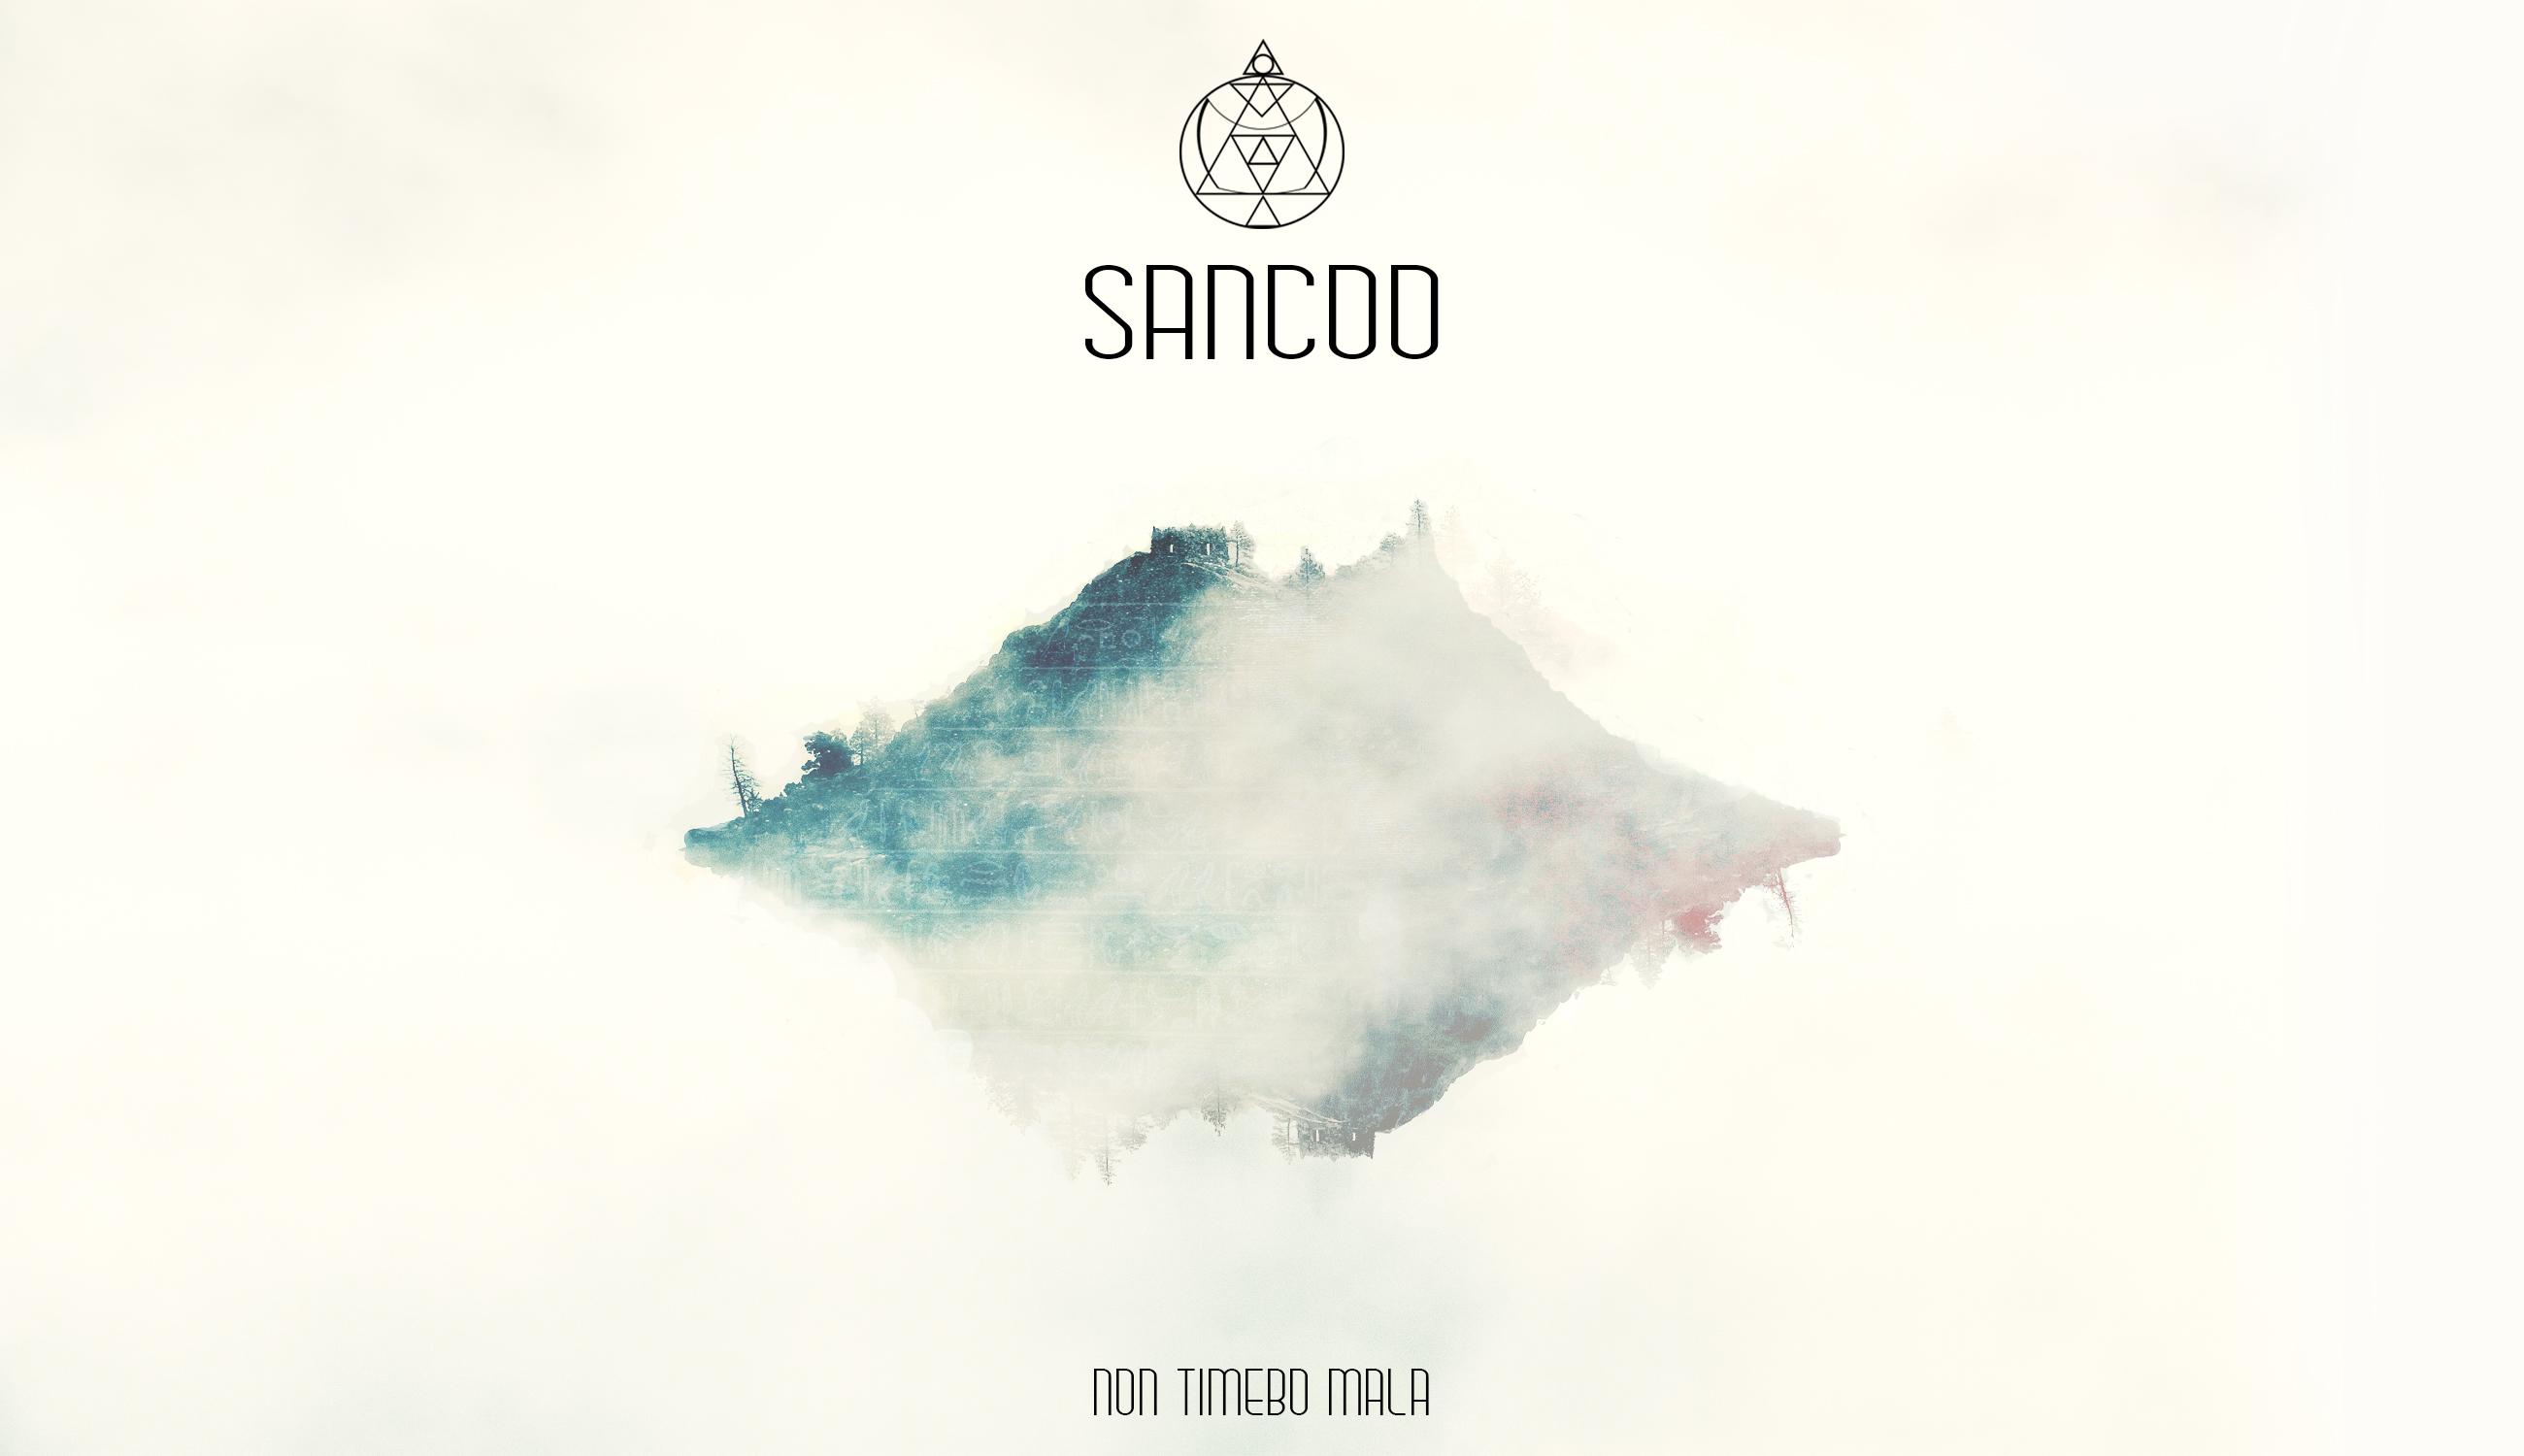 Sancoo - Non Timebo Mala